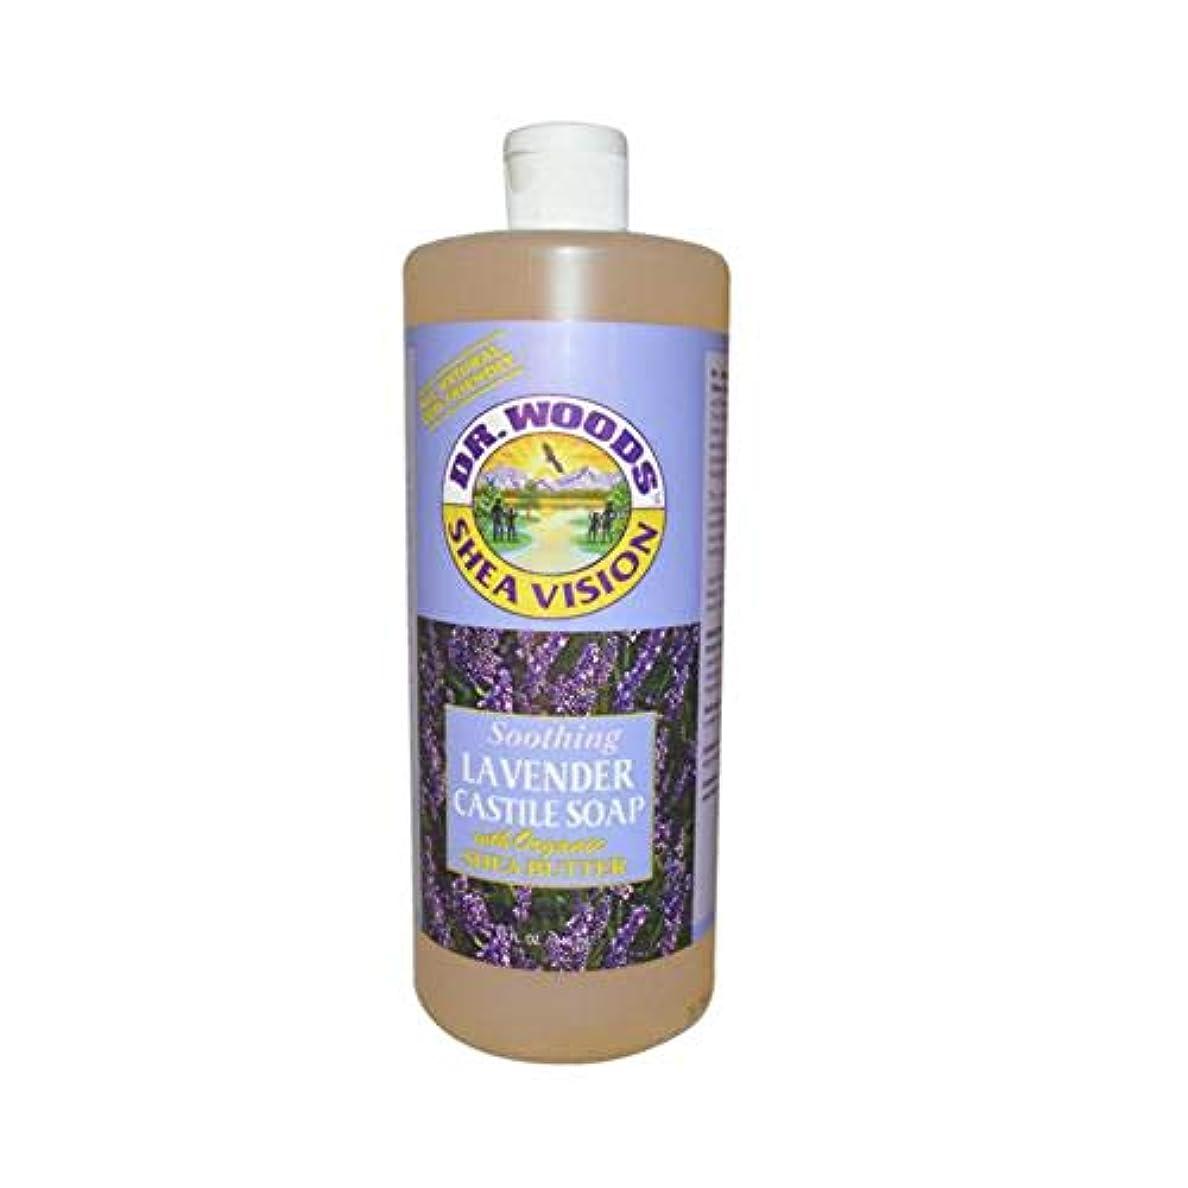 コーチ討論喪Dr. Woods, Shea Vision, Soothing Lavender Castile Soap, 32 fl oz (946 ml)